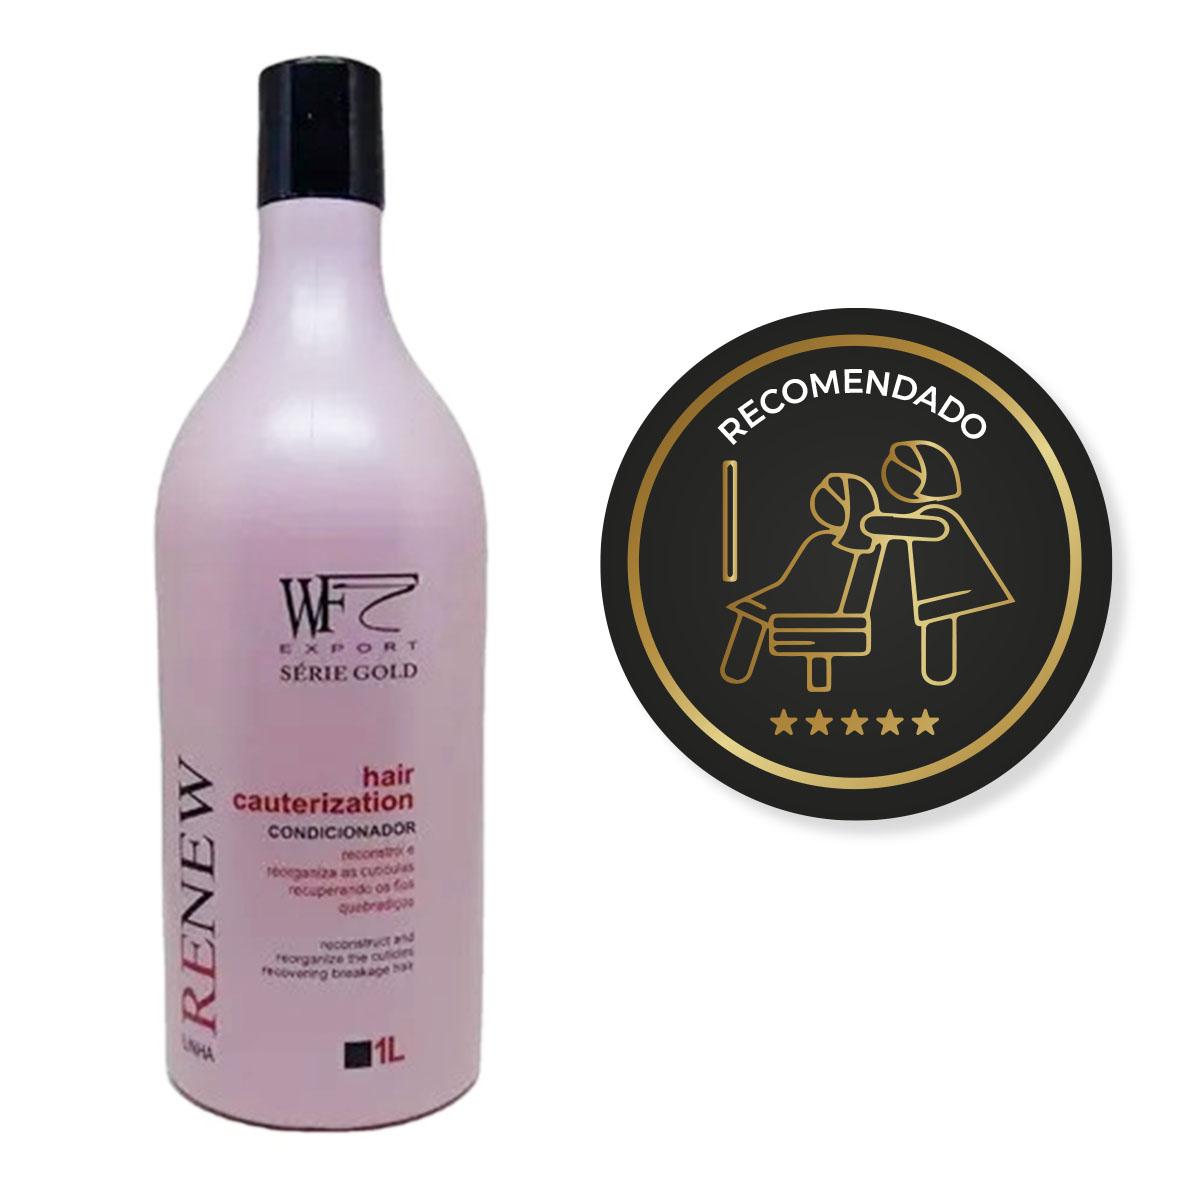 RENEW - CONDICIONADOR HAIR CAUTERIZATION WF COSMETICOS 1L